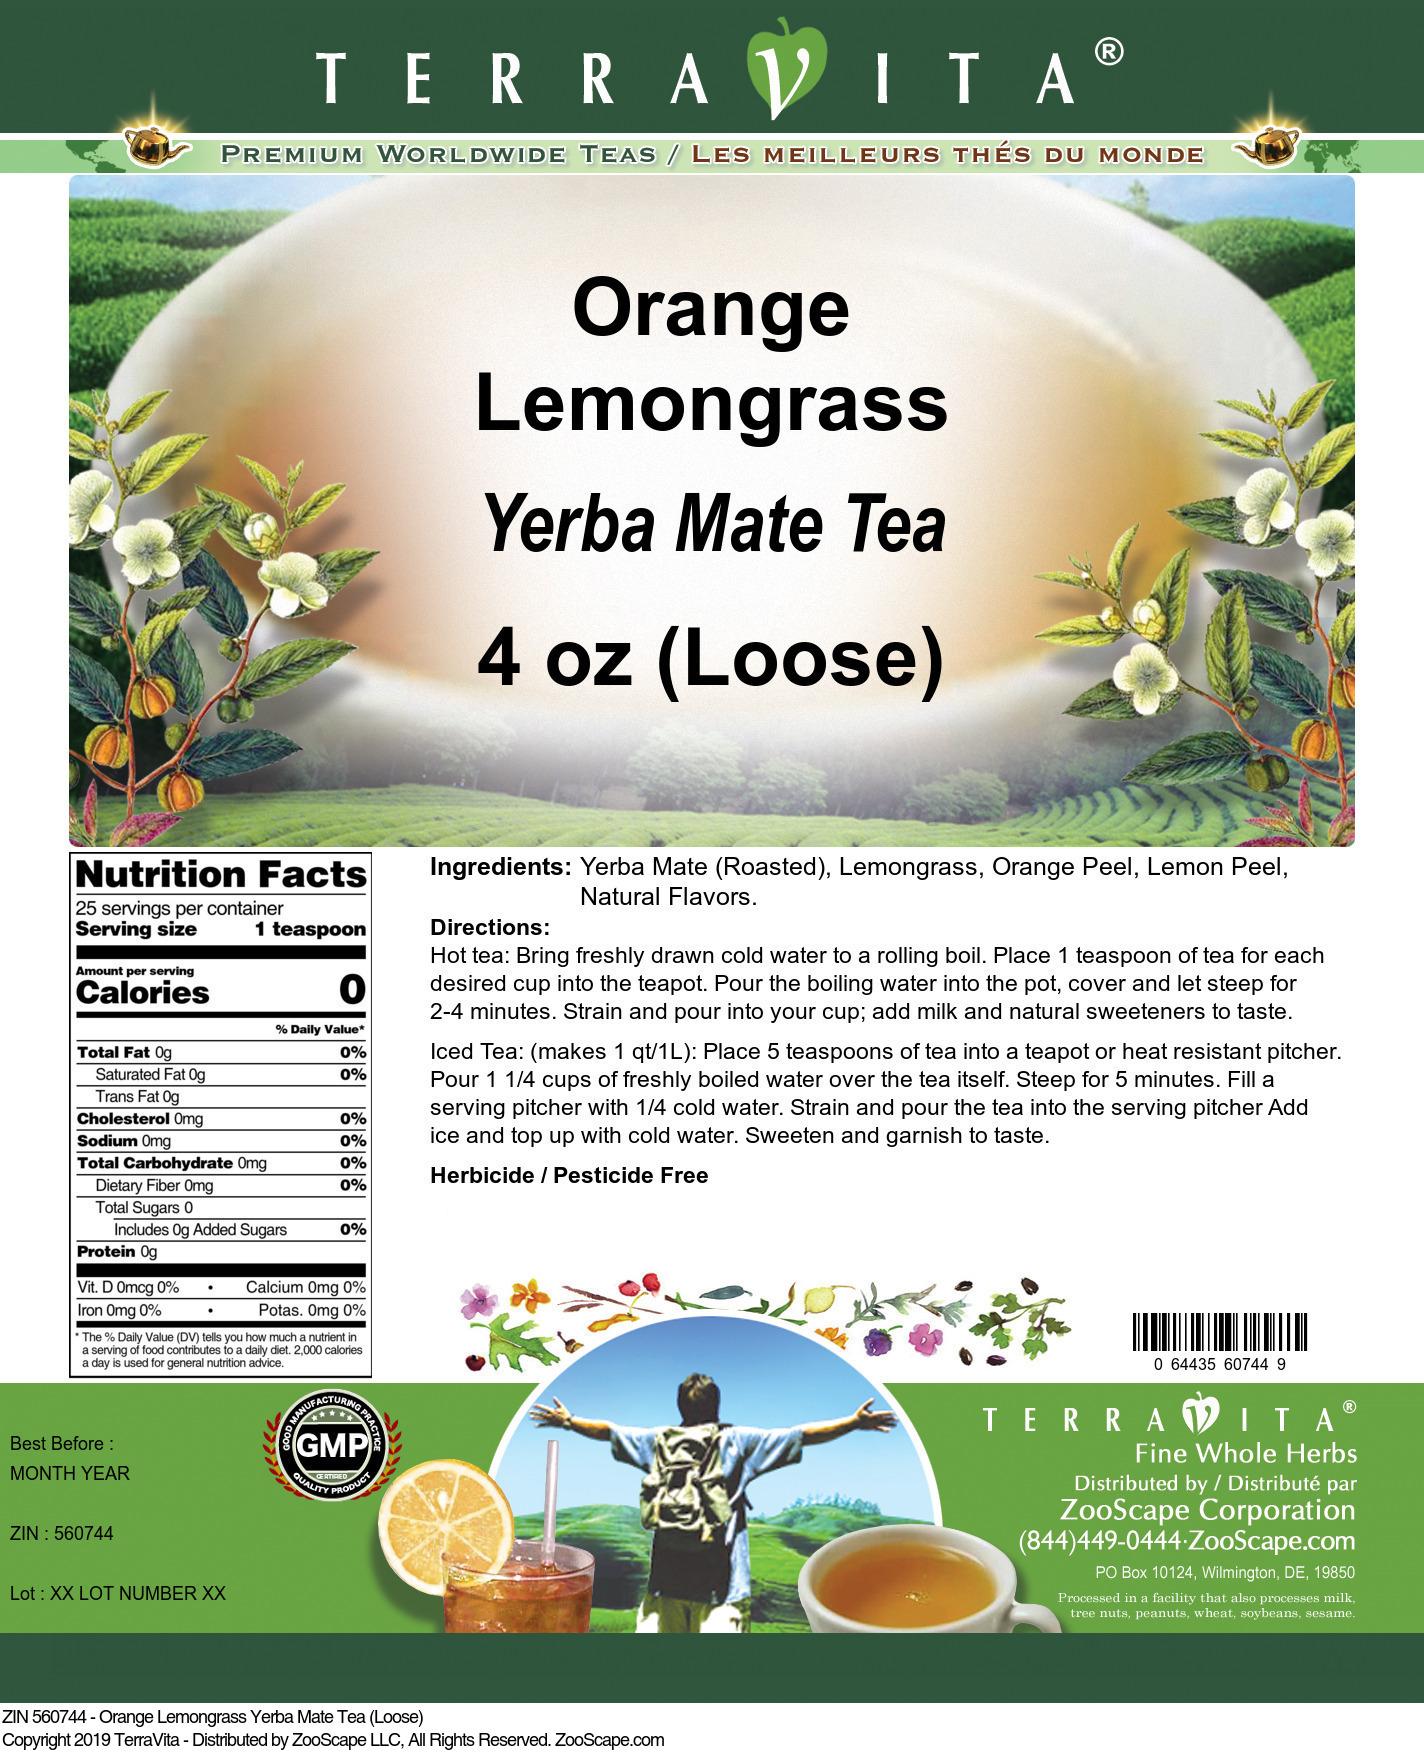 Orange Lemongrass Yerba Mate